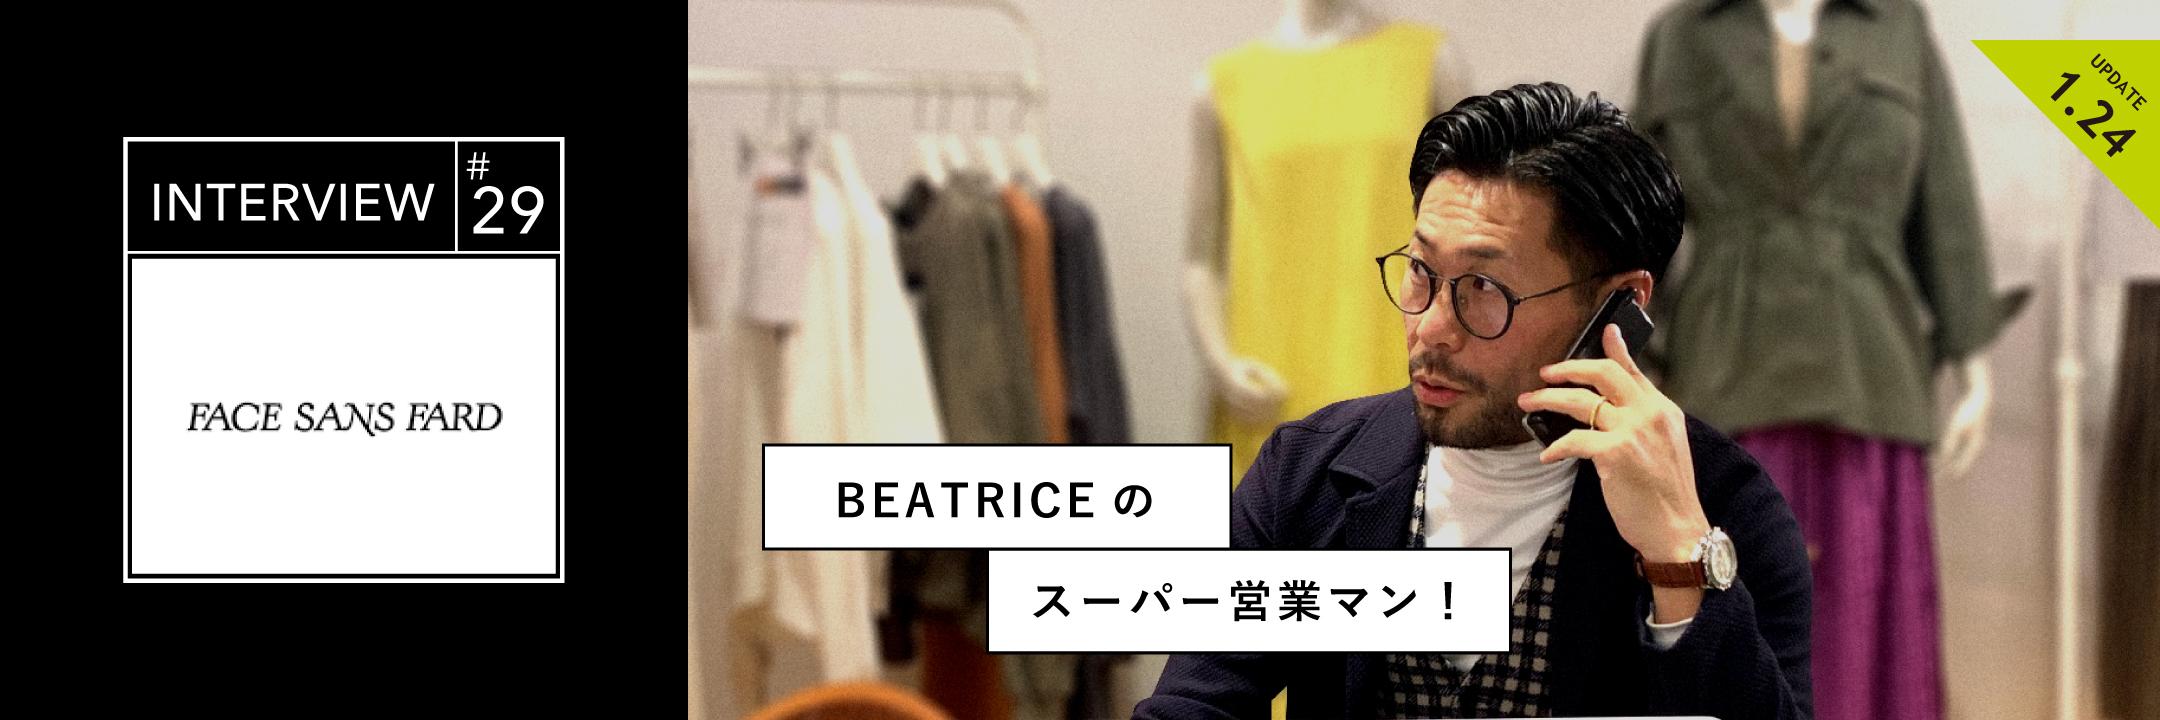 INTERVIEW29